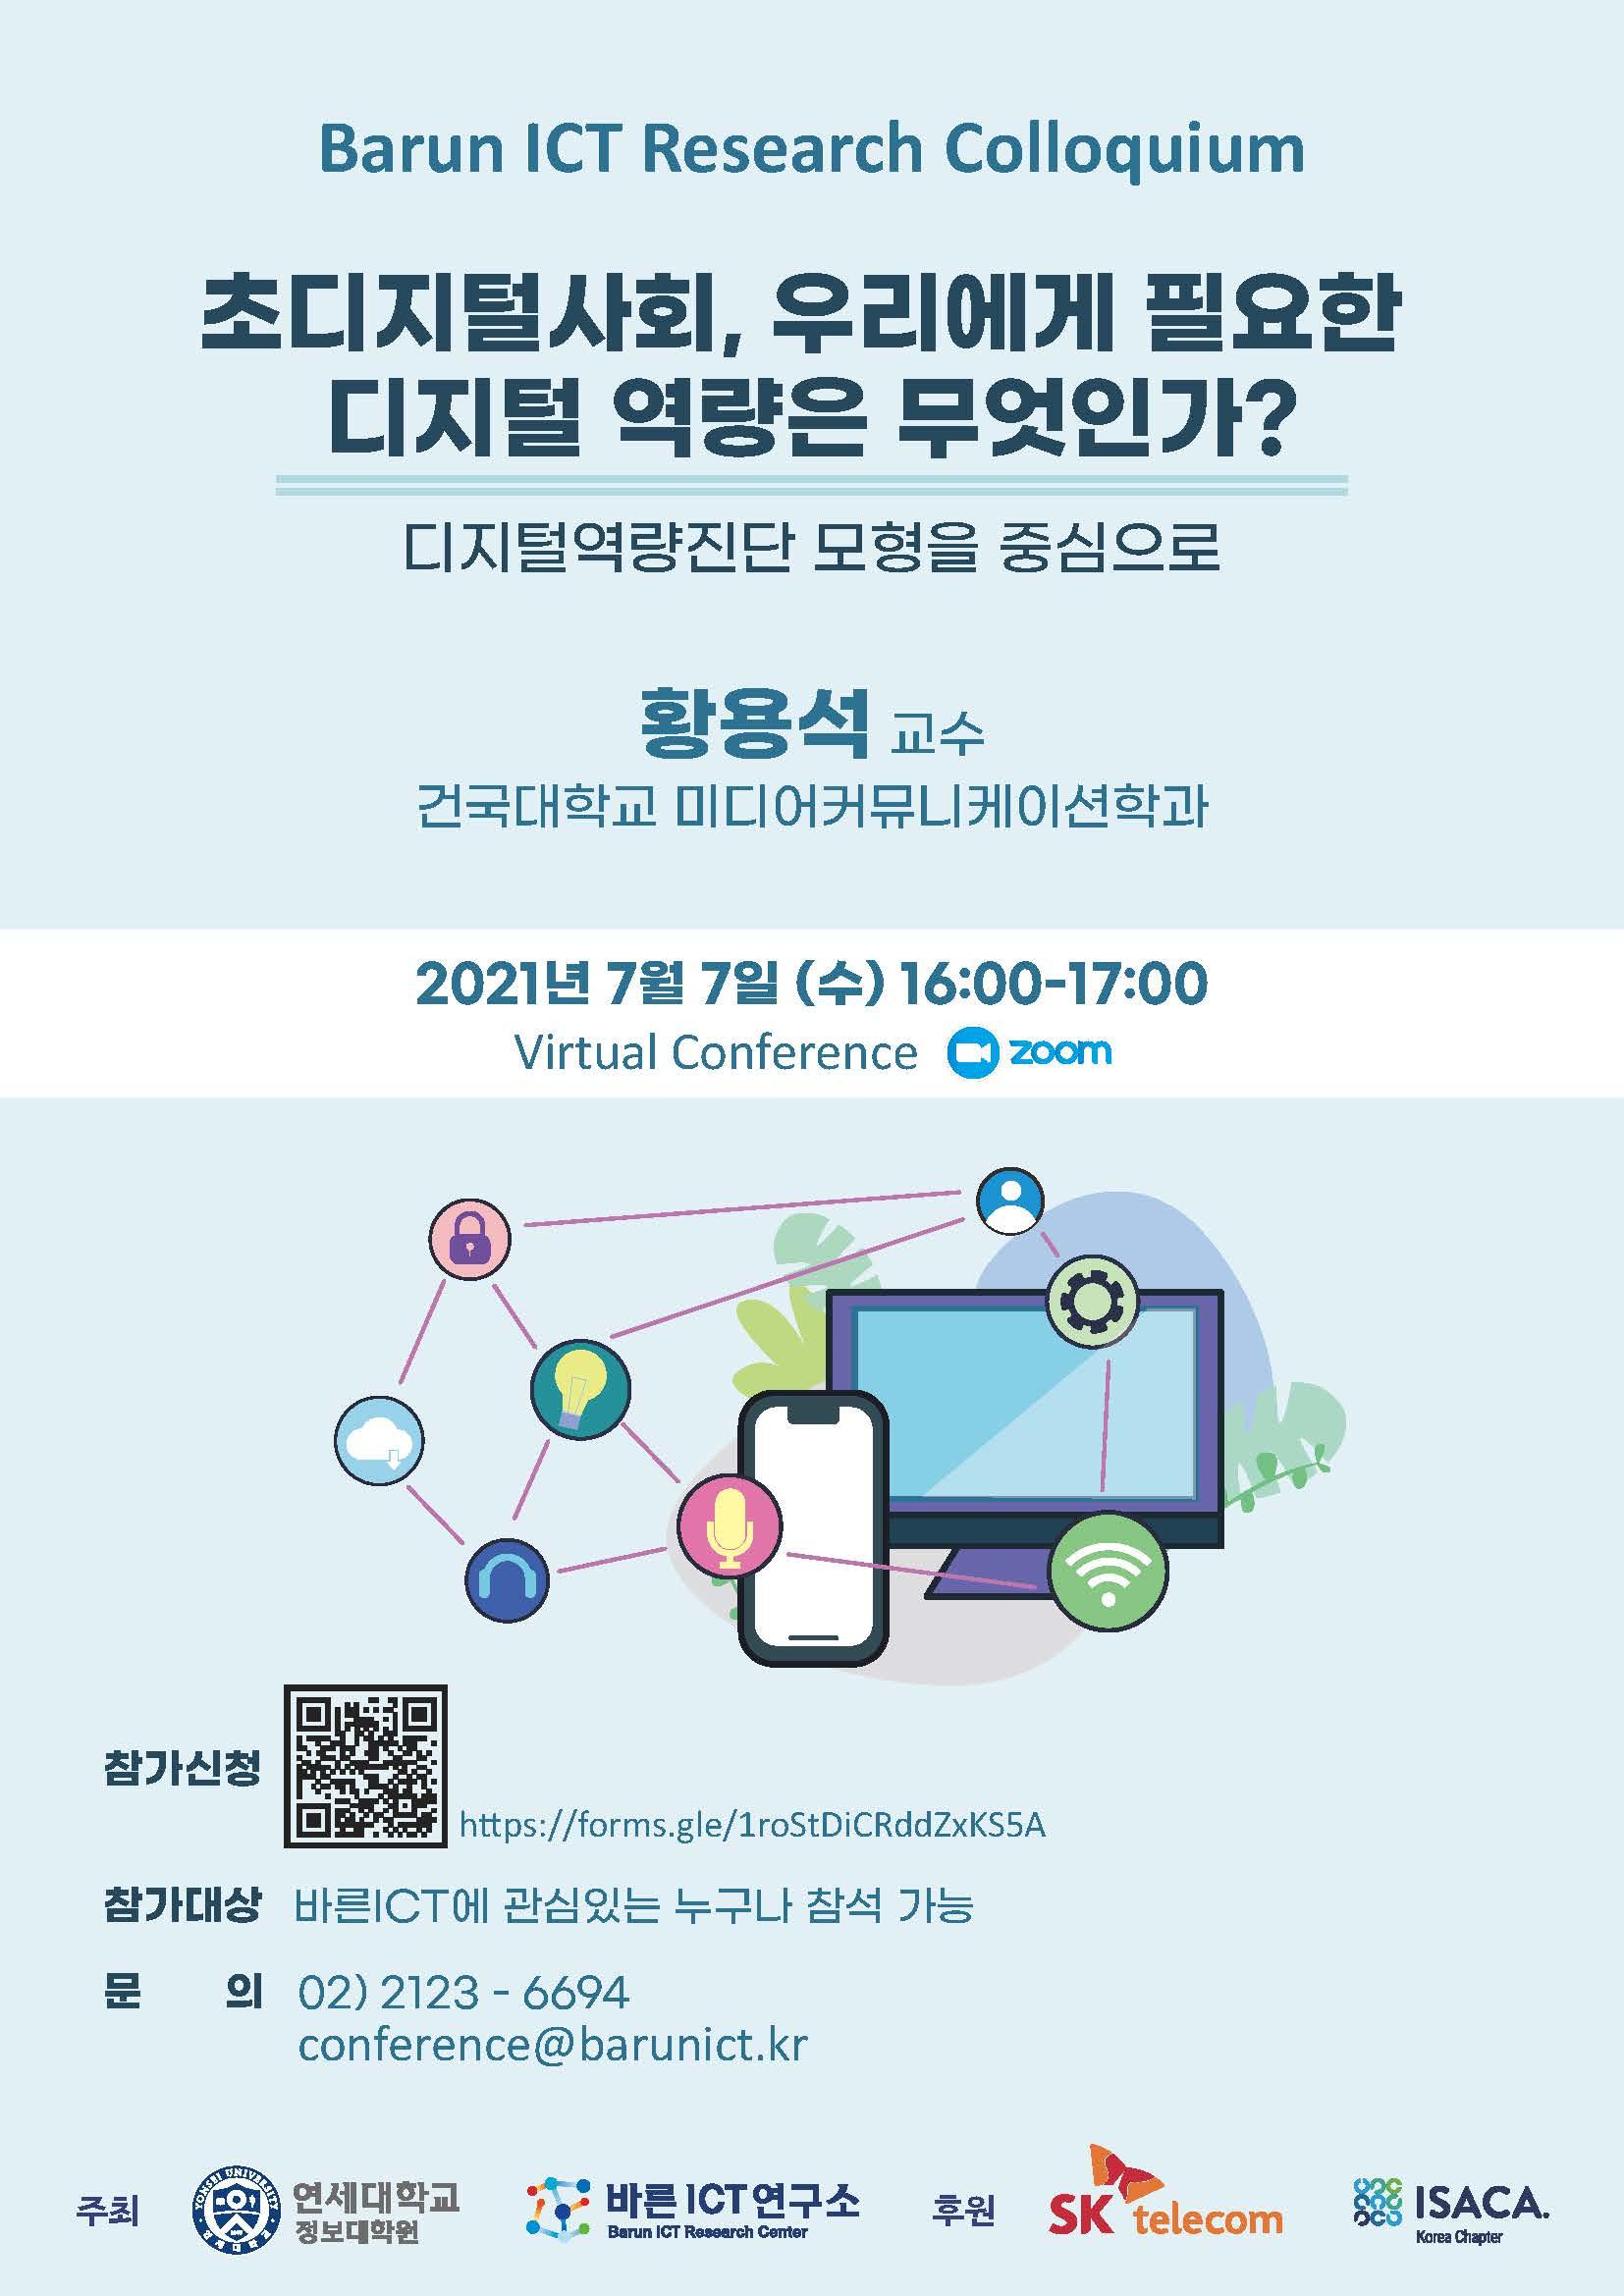 Barun ICT Research Colloquium 7월 7일(수) 16:00~